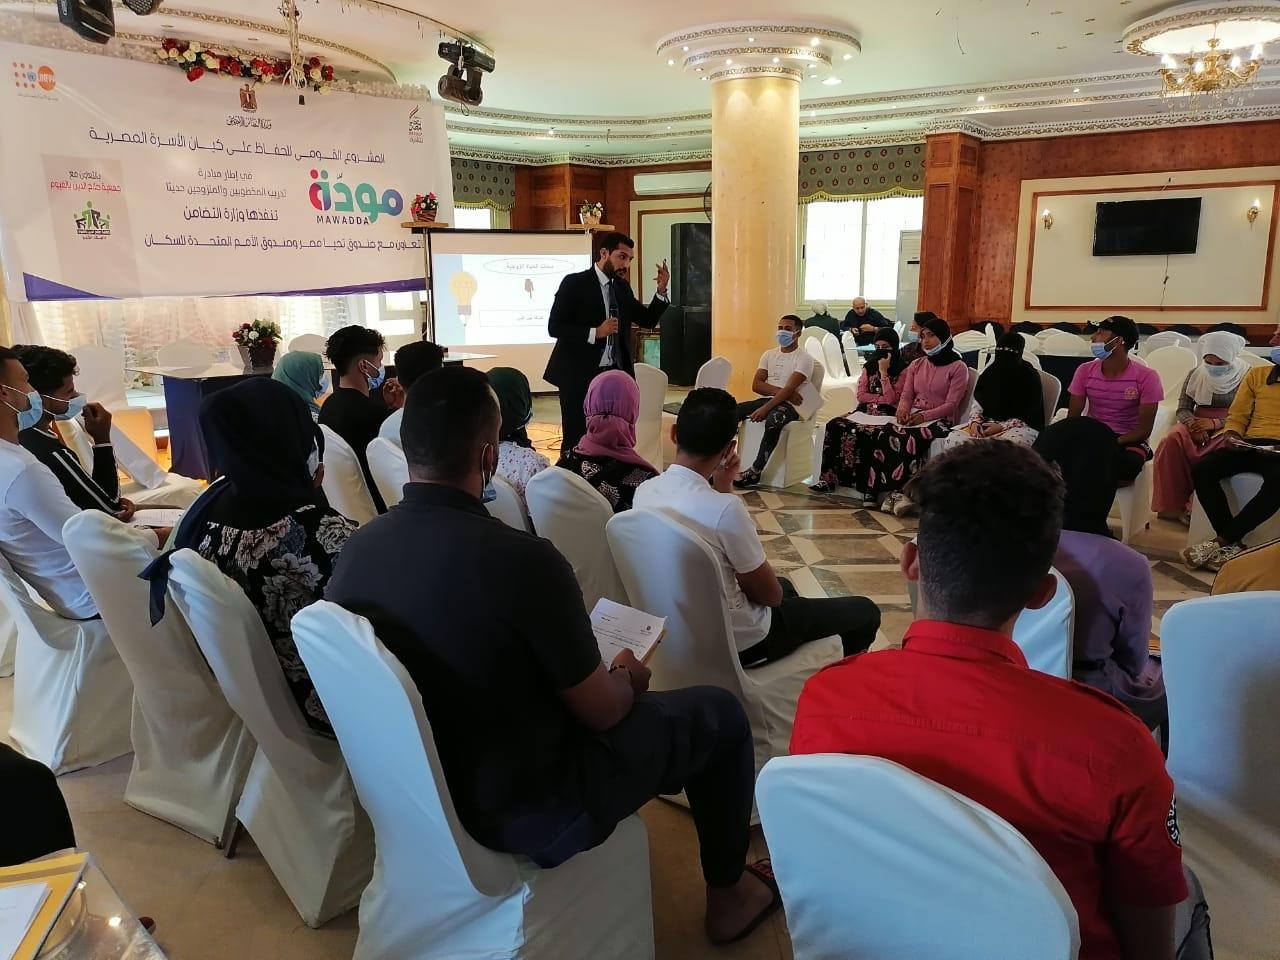 """""""مودة"""" يطلق المرحلة الثالثة من تدريبات المخطوبين والمتزوجين حديثًا من محافظة الفيوم"""